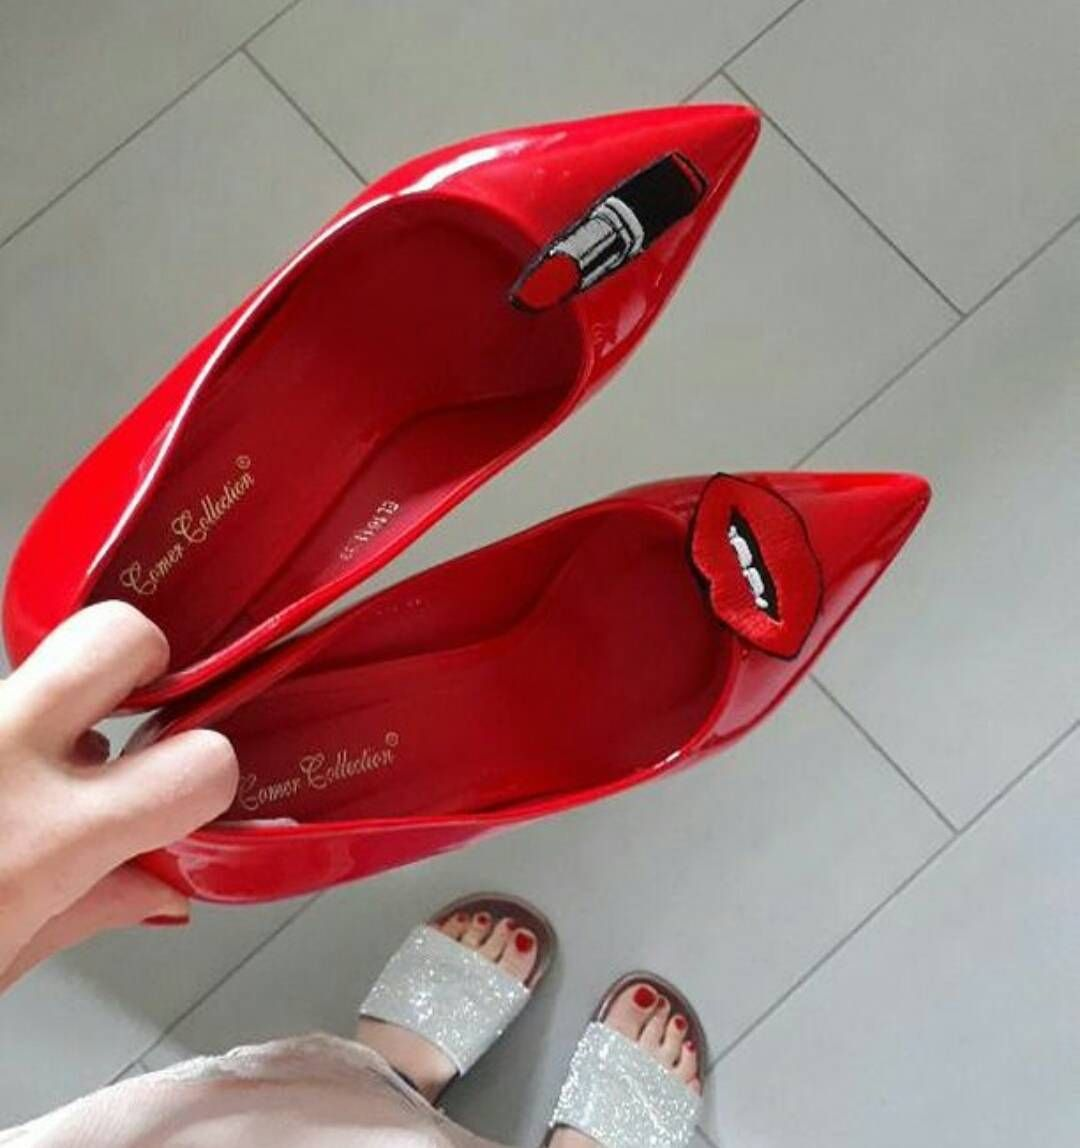 Pogoda Taka Ze Ma Sie Ochote Zostac Tylko W Lozku Ale Gdy Widzimy Takie Zdjecia To Wyskakujemy Z Niego W Moment Shoe Clips Chanel Ballet Flats Shoes